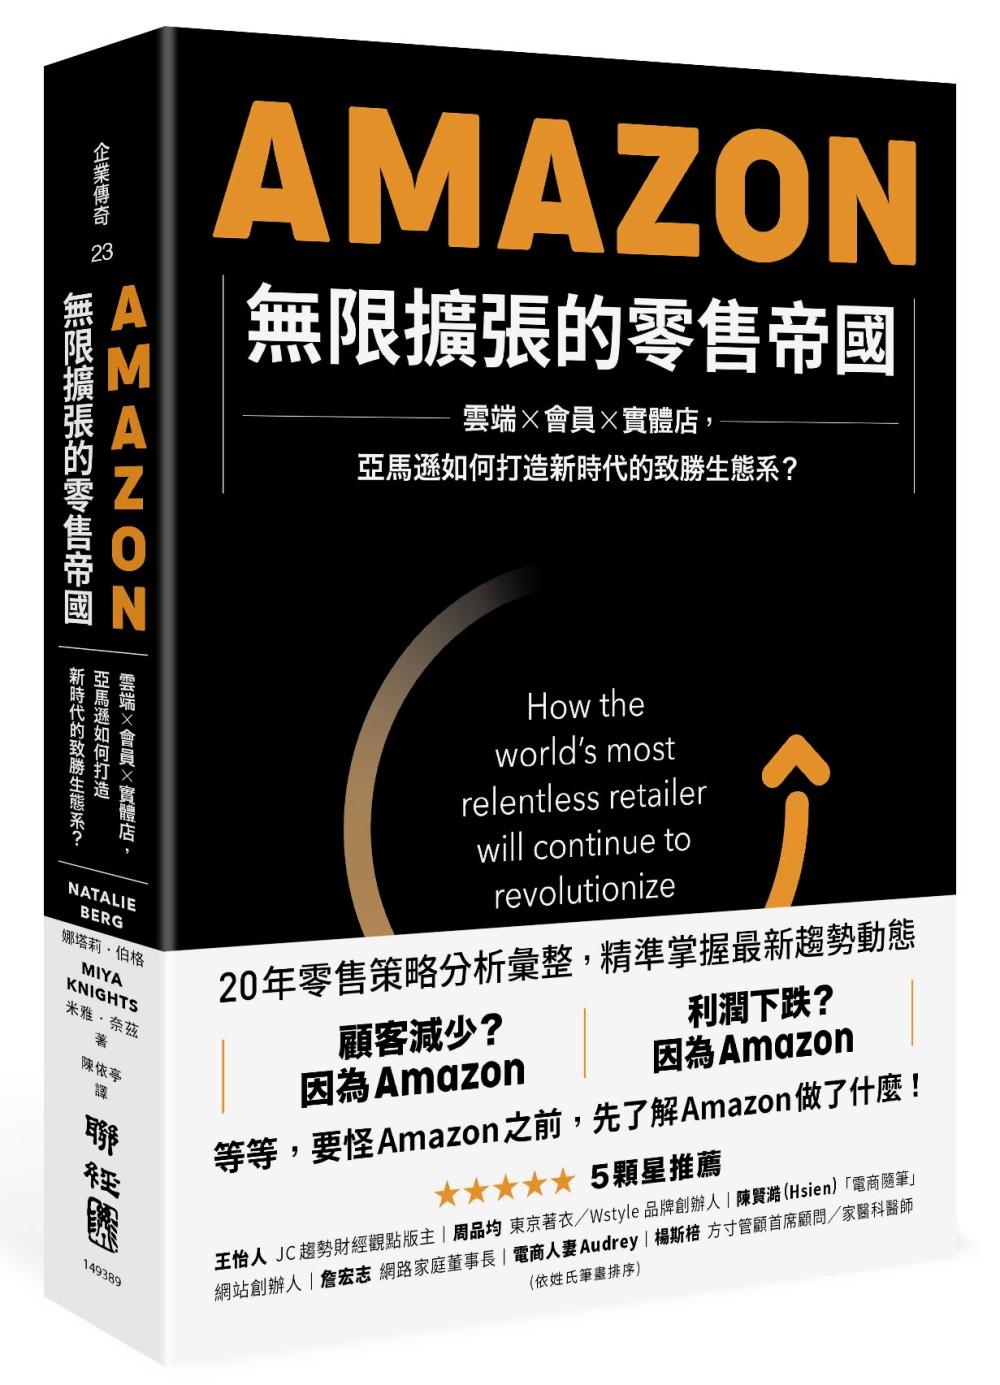 Amazon無限擴張的零售帝國:雲端×會員×實體店,亞馬遜如何打造新時代的致勝生態系?